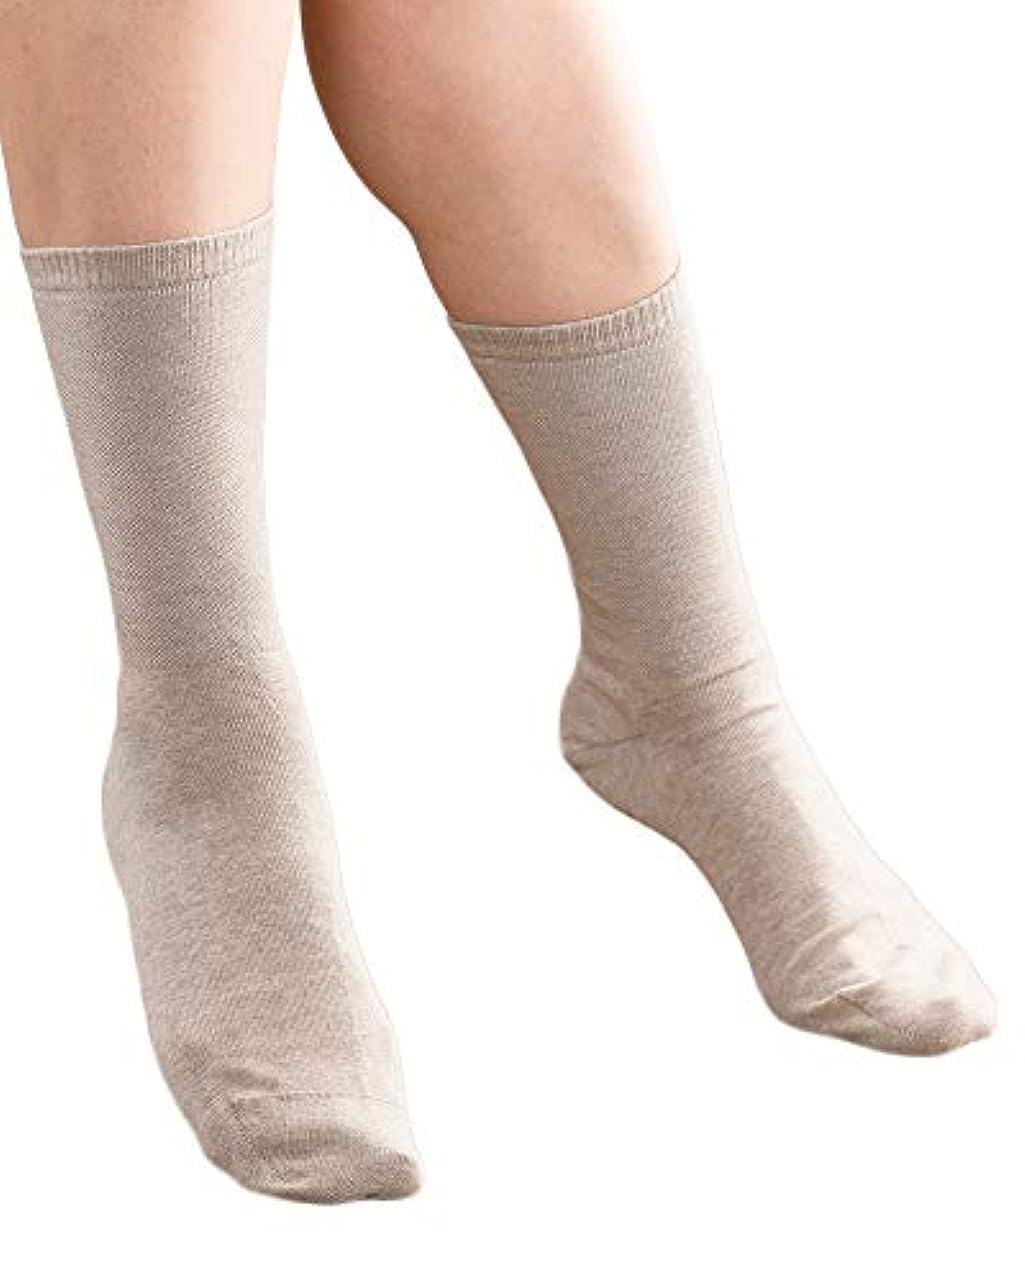 パフ本当にほこりっぽい〈ギロファ ナチュラルライン〉しめつけない靴下 (L, ベージュ)